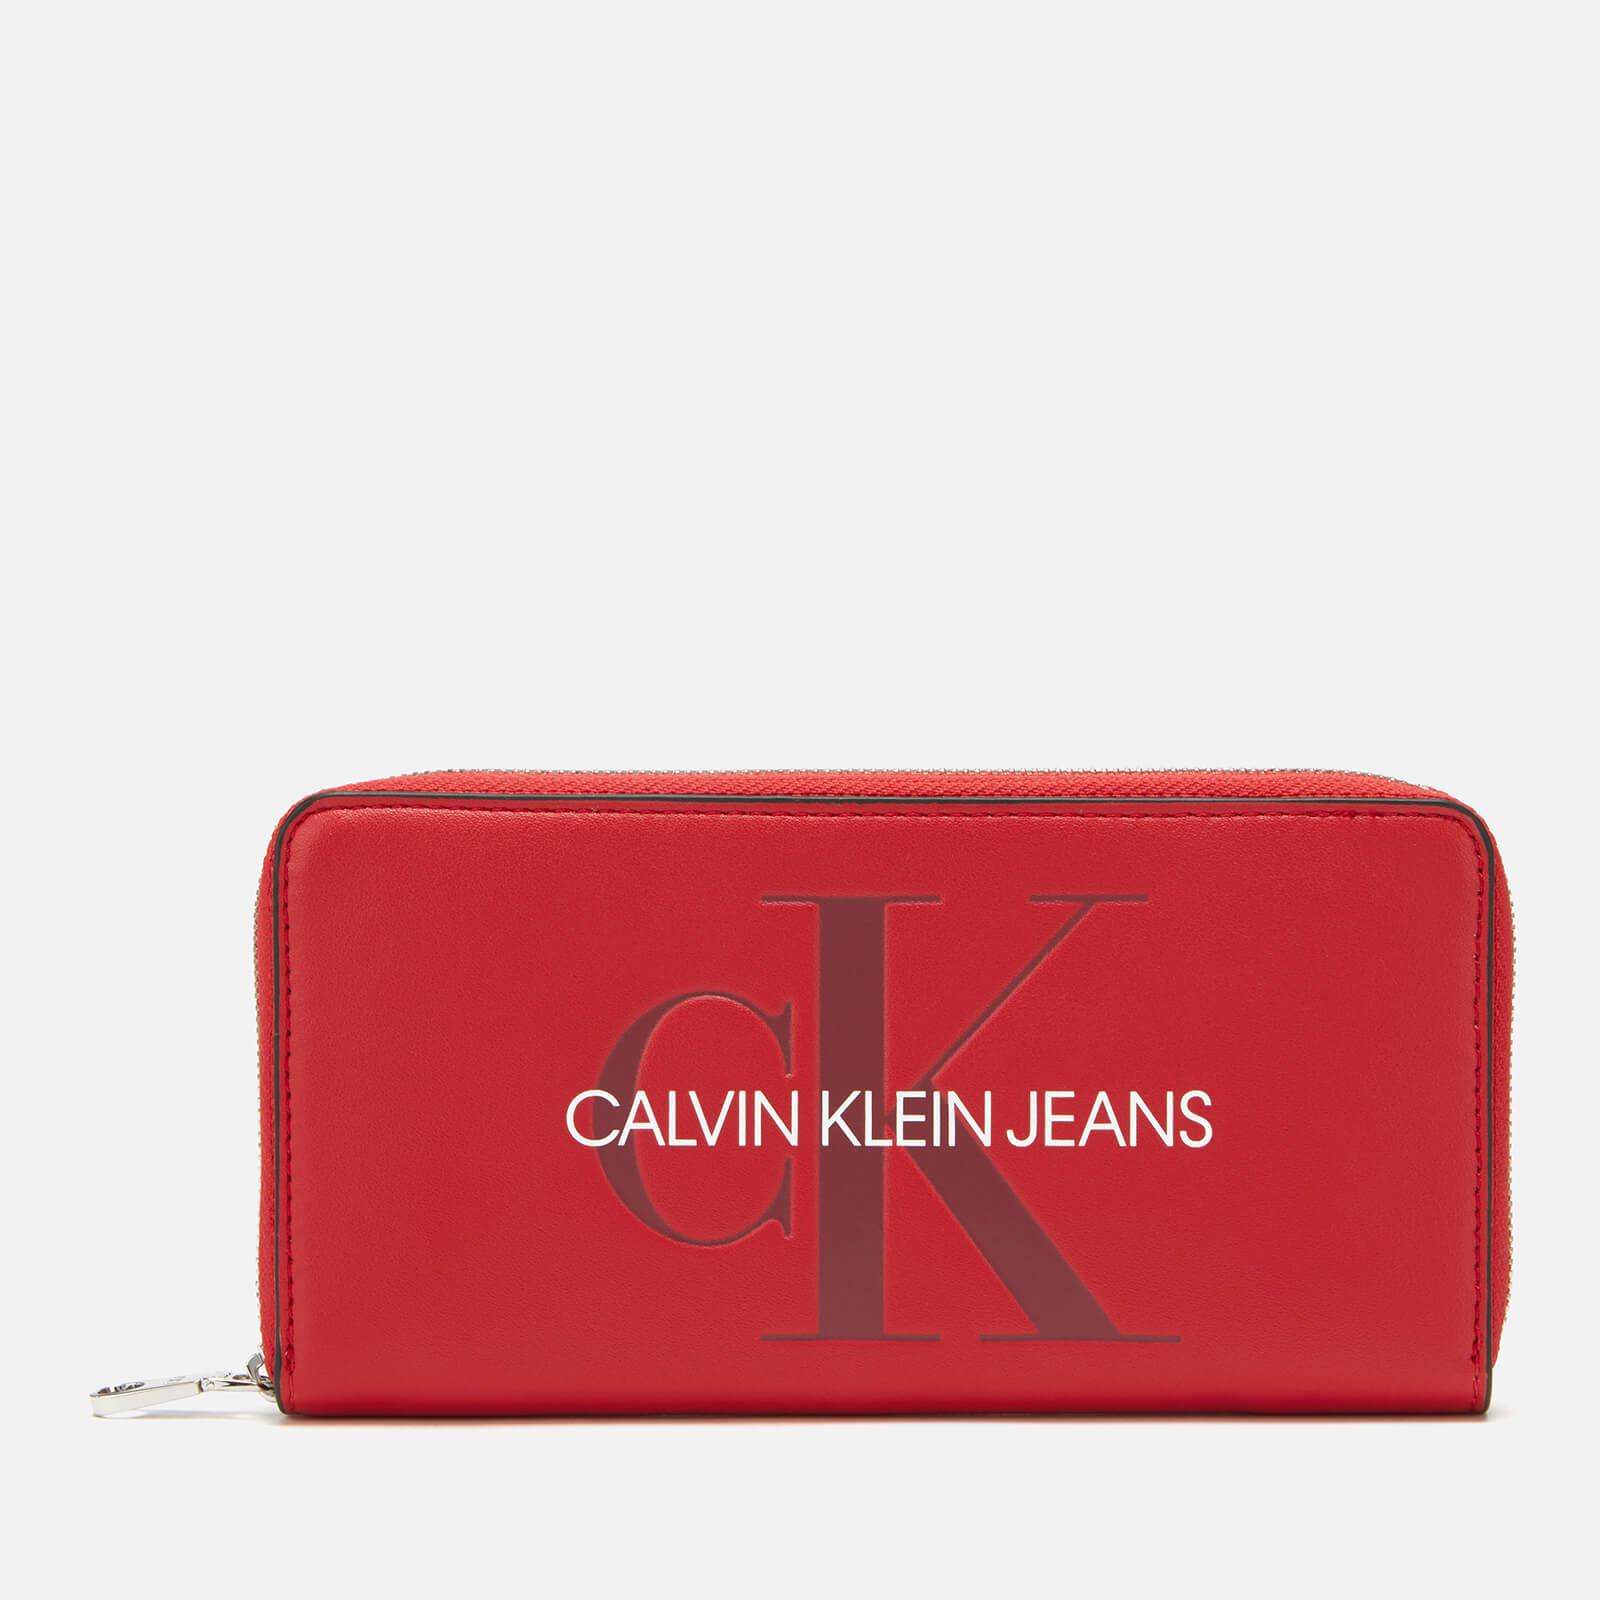 Calvin Klein Jeans Women's Large Ziparound Purse - Cherry